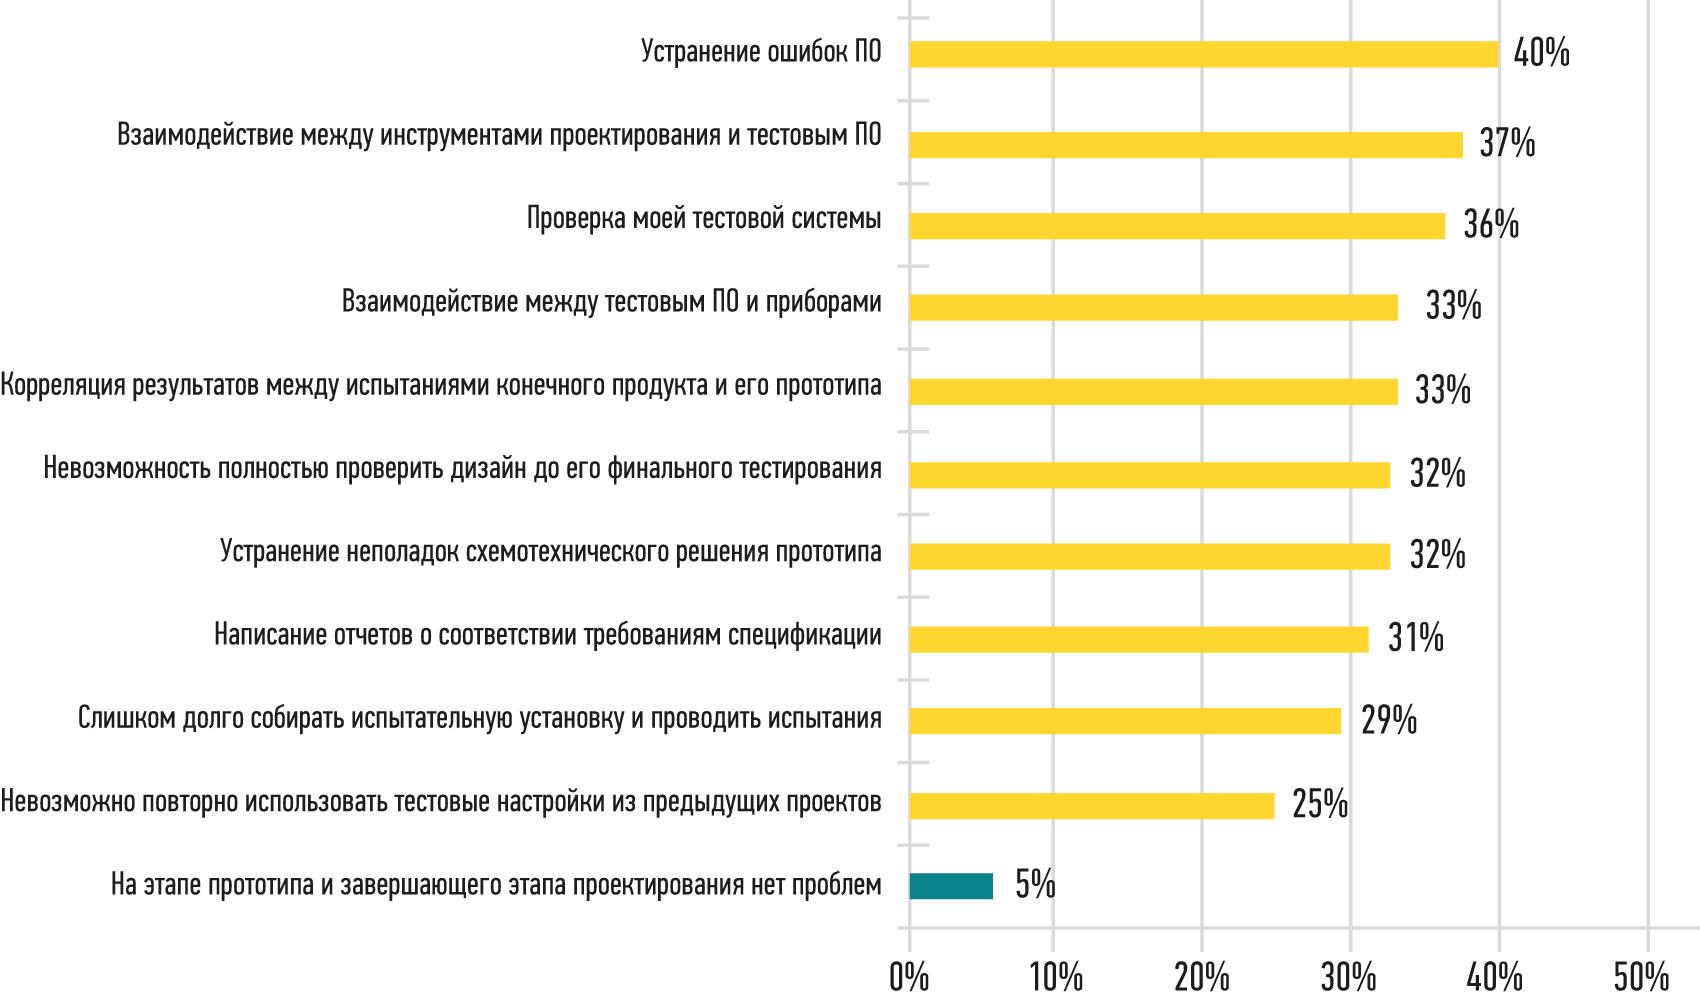 Результаты анкетирования, показывающие проблемы при создании прототипов и проверке конечной конструкции продукта